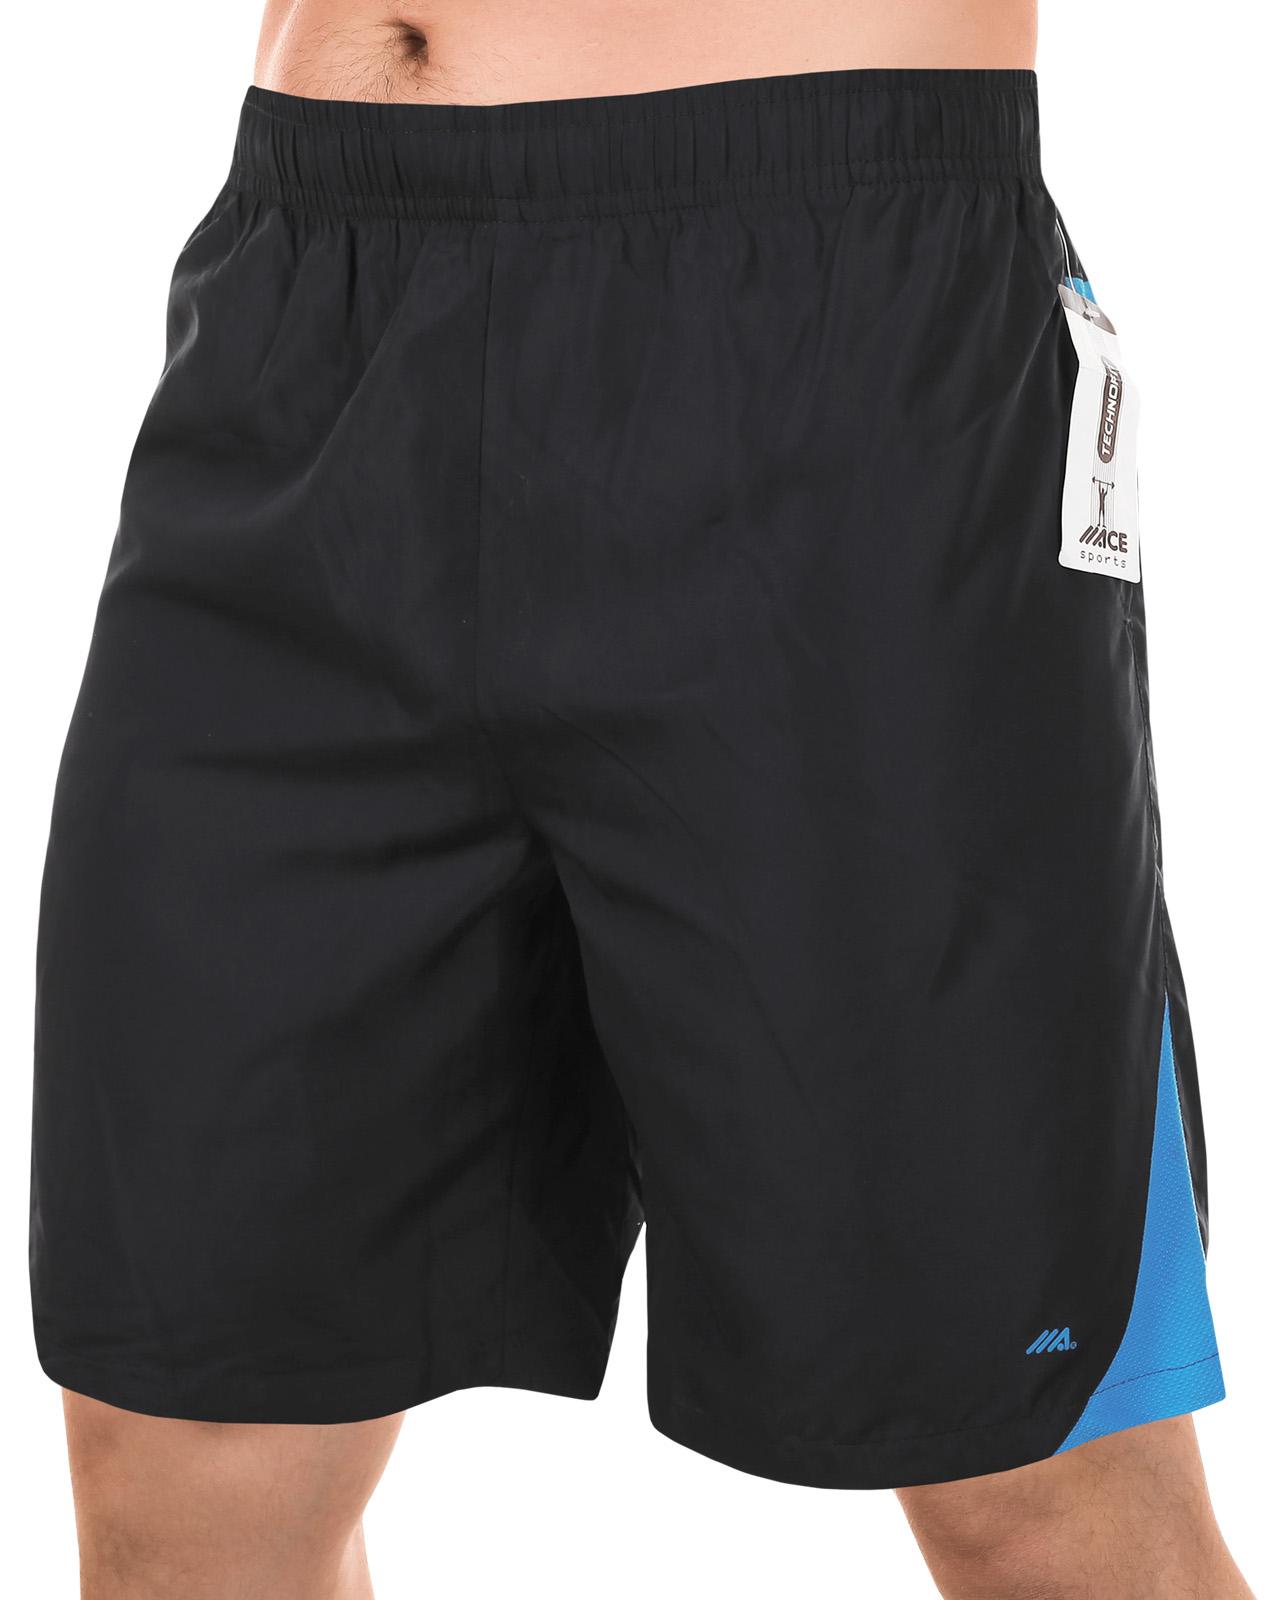 Крутые мужские шорты от MACE для пляжного спорта (Канада)